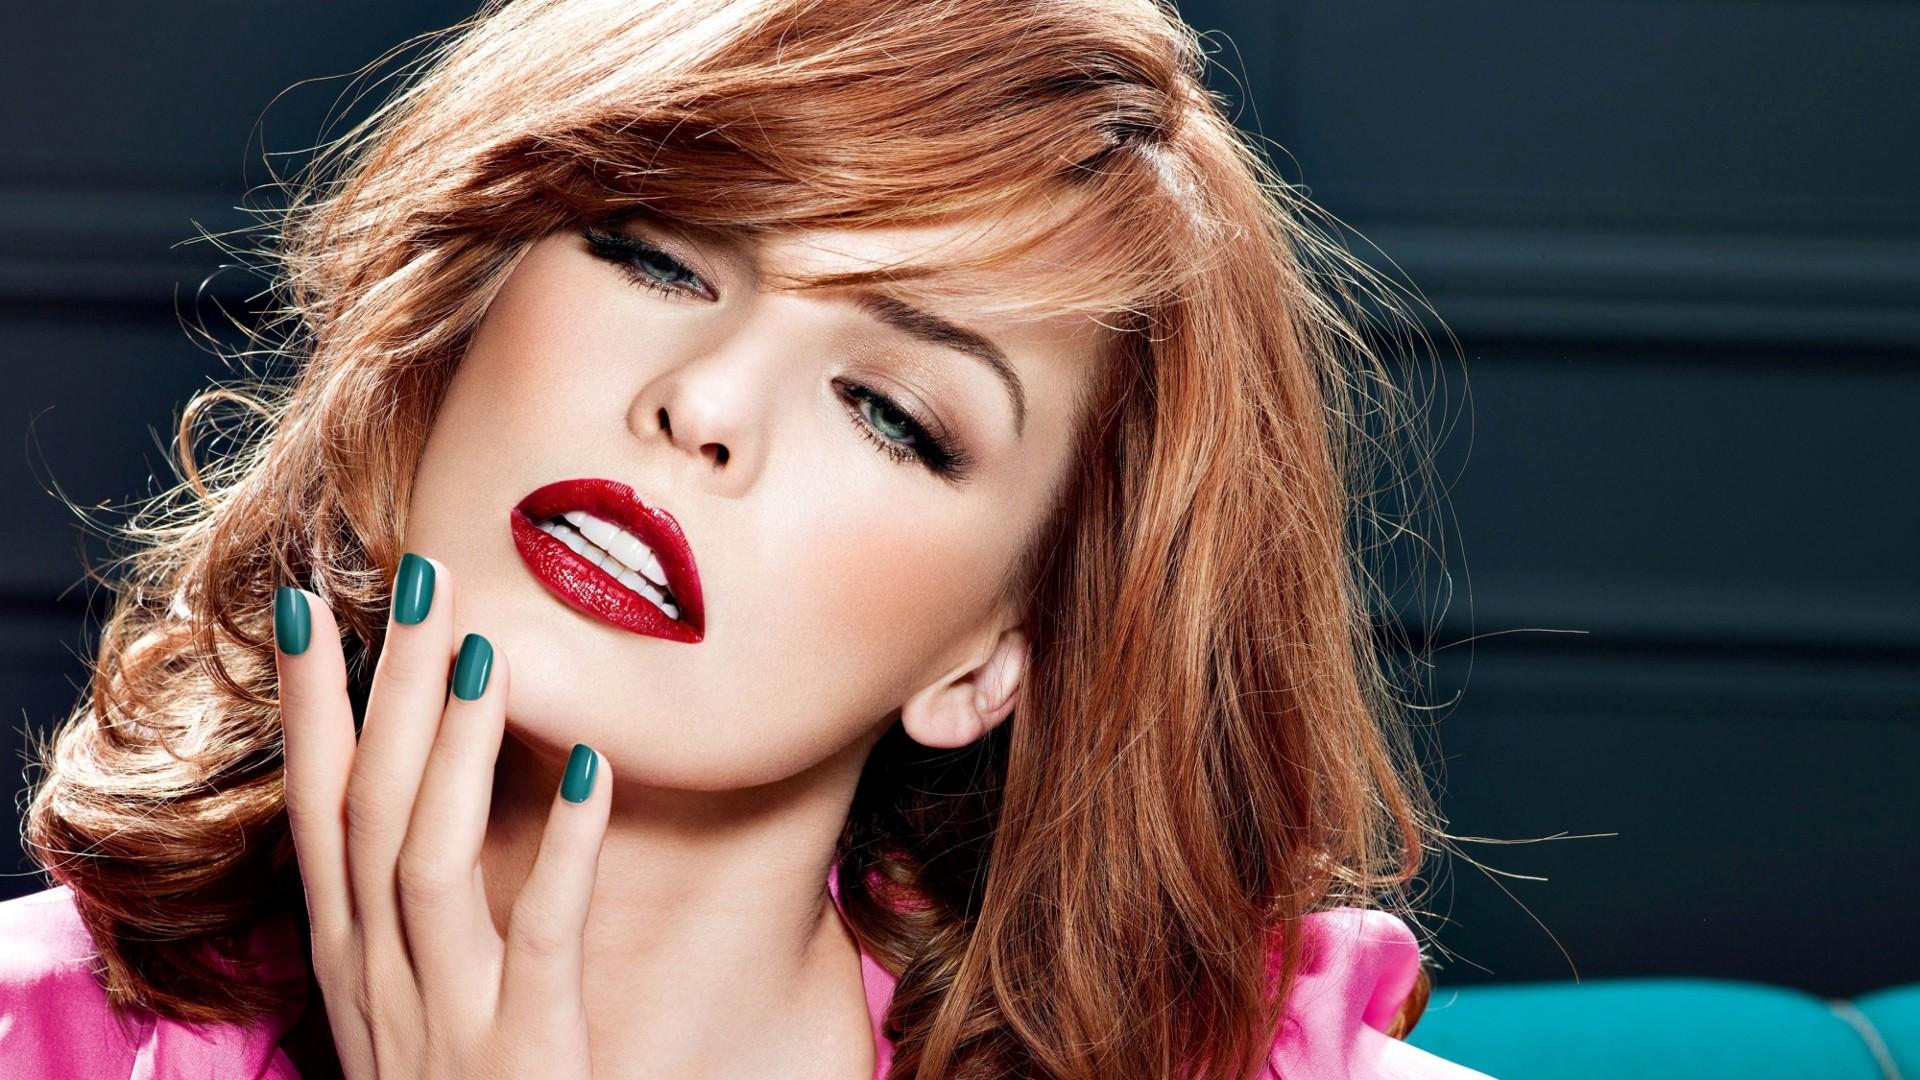 актриса, зеленые глаза, девушка, красная помада, крупным планом